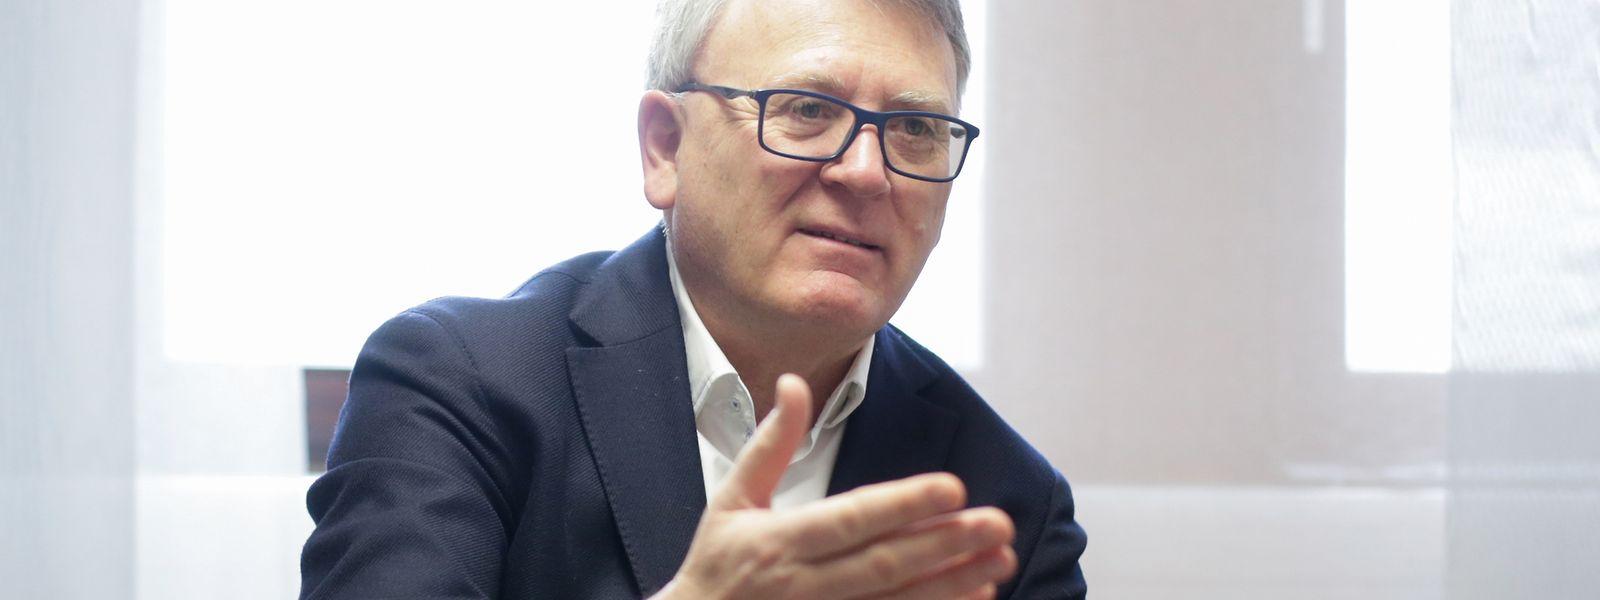 O ministro do Trabalho do Luxemburgo não desiste da reivindicação de aumentar o salário mínimo.